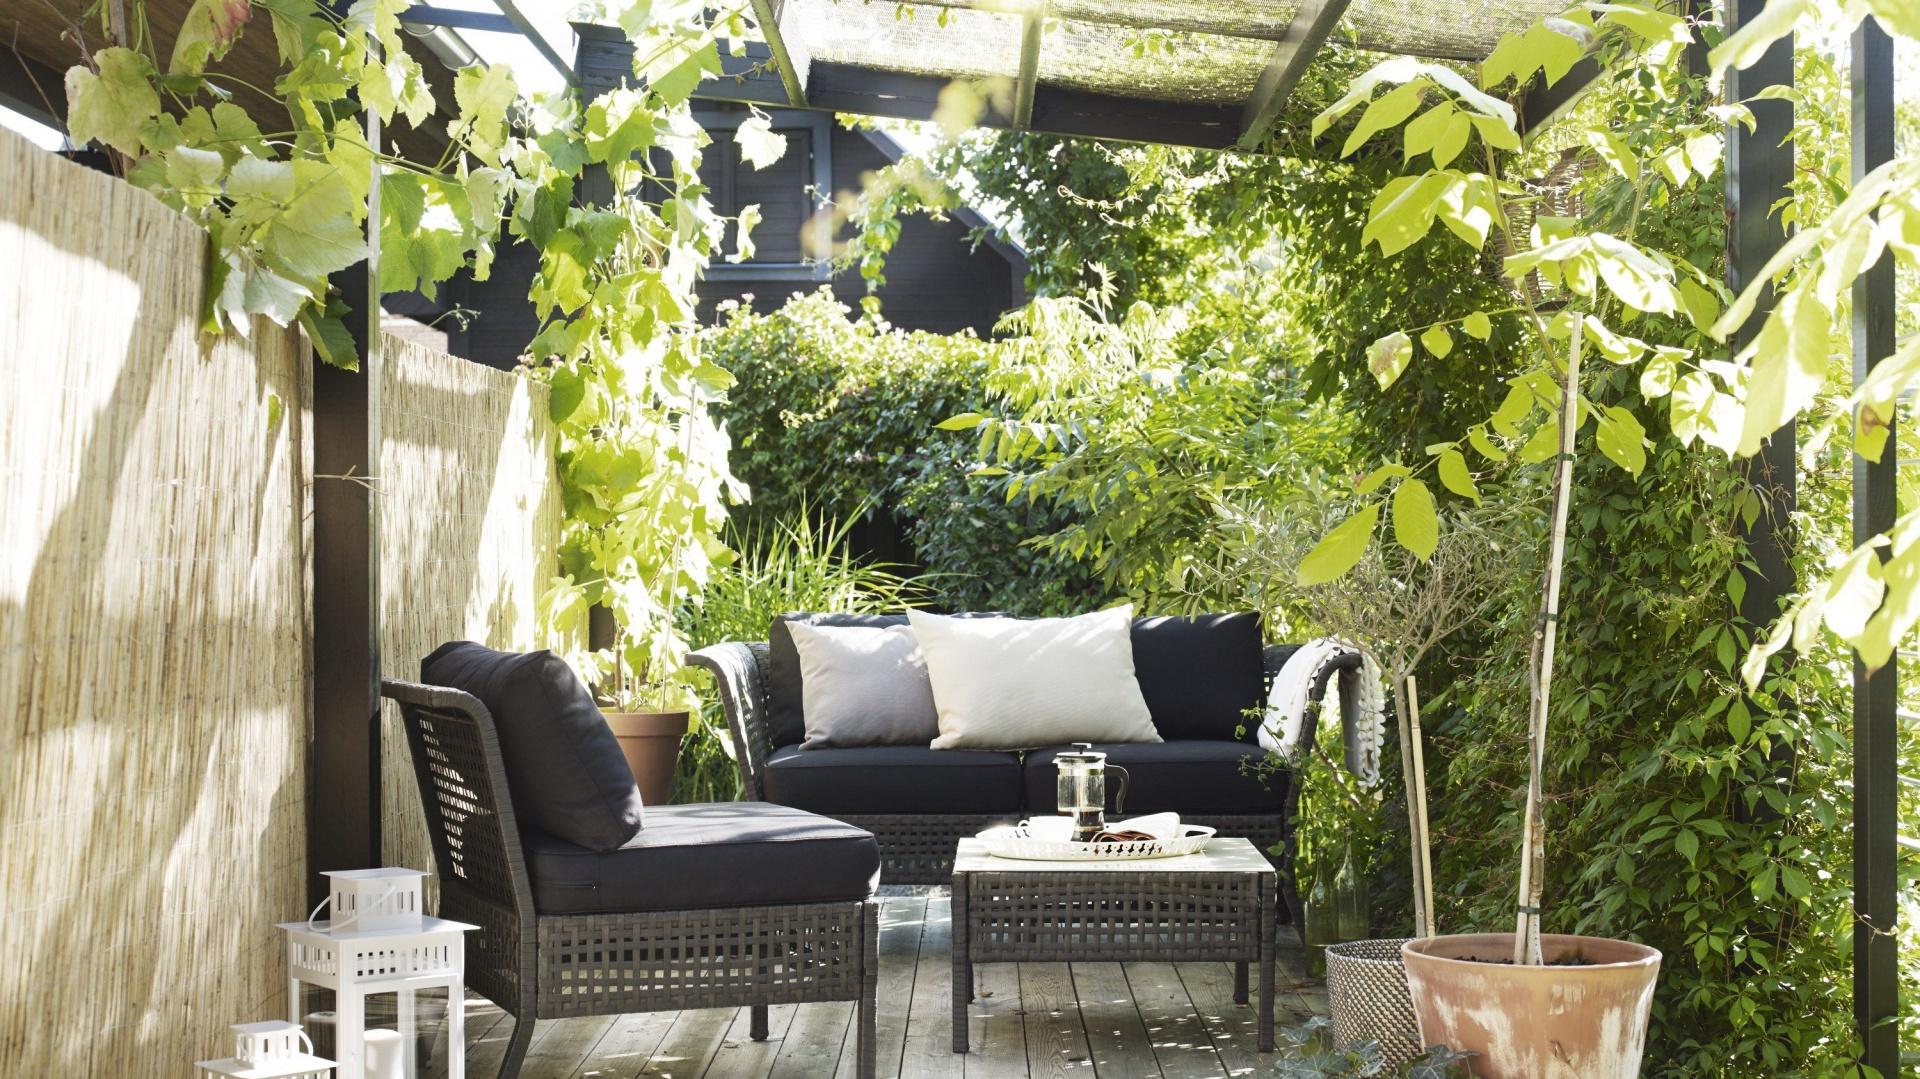 KUNGSHOLMEN to 2-osobowa sofa z technorattanu i nierdzewnego aluminium. Dzięki łączeniu różnych elementów siedziska można stworzyć mebel dopasowany do indywidualnych potrzeb. 1.055,98 zł. Fot. IKEA